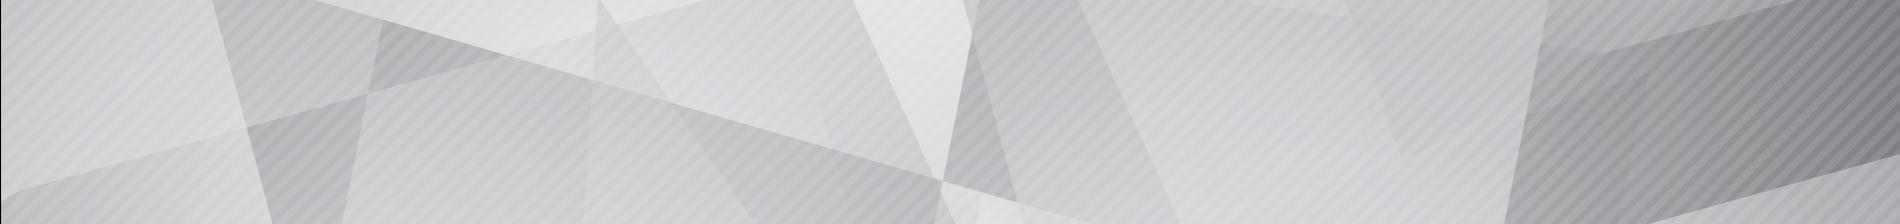 6º CIRCUITO CORRIDAS TRILOPEZ - 1ª etapa